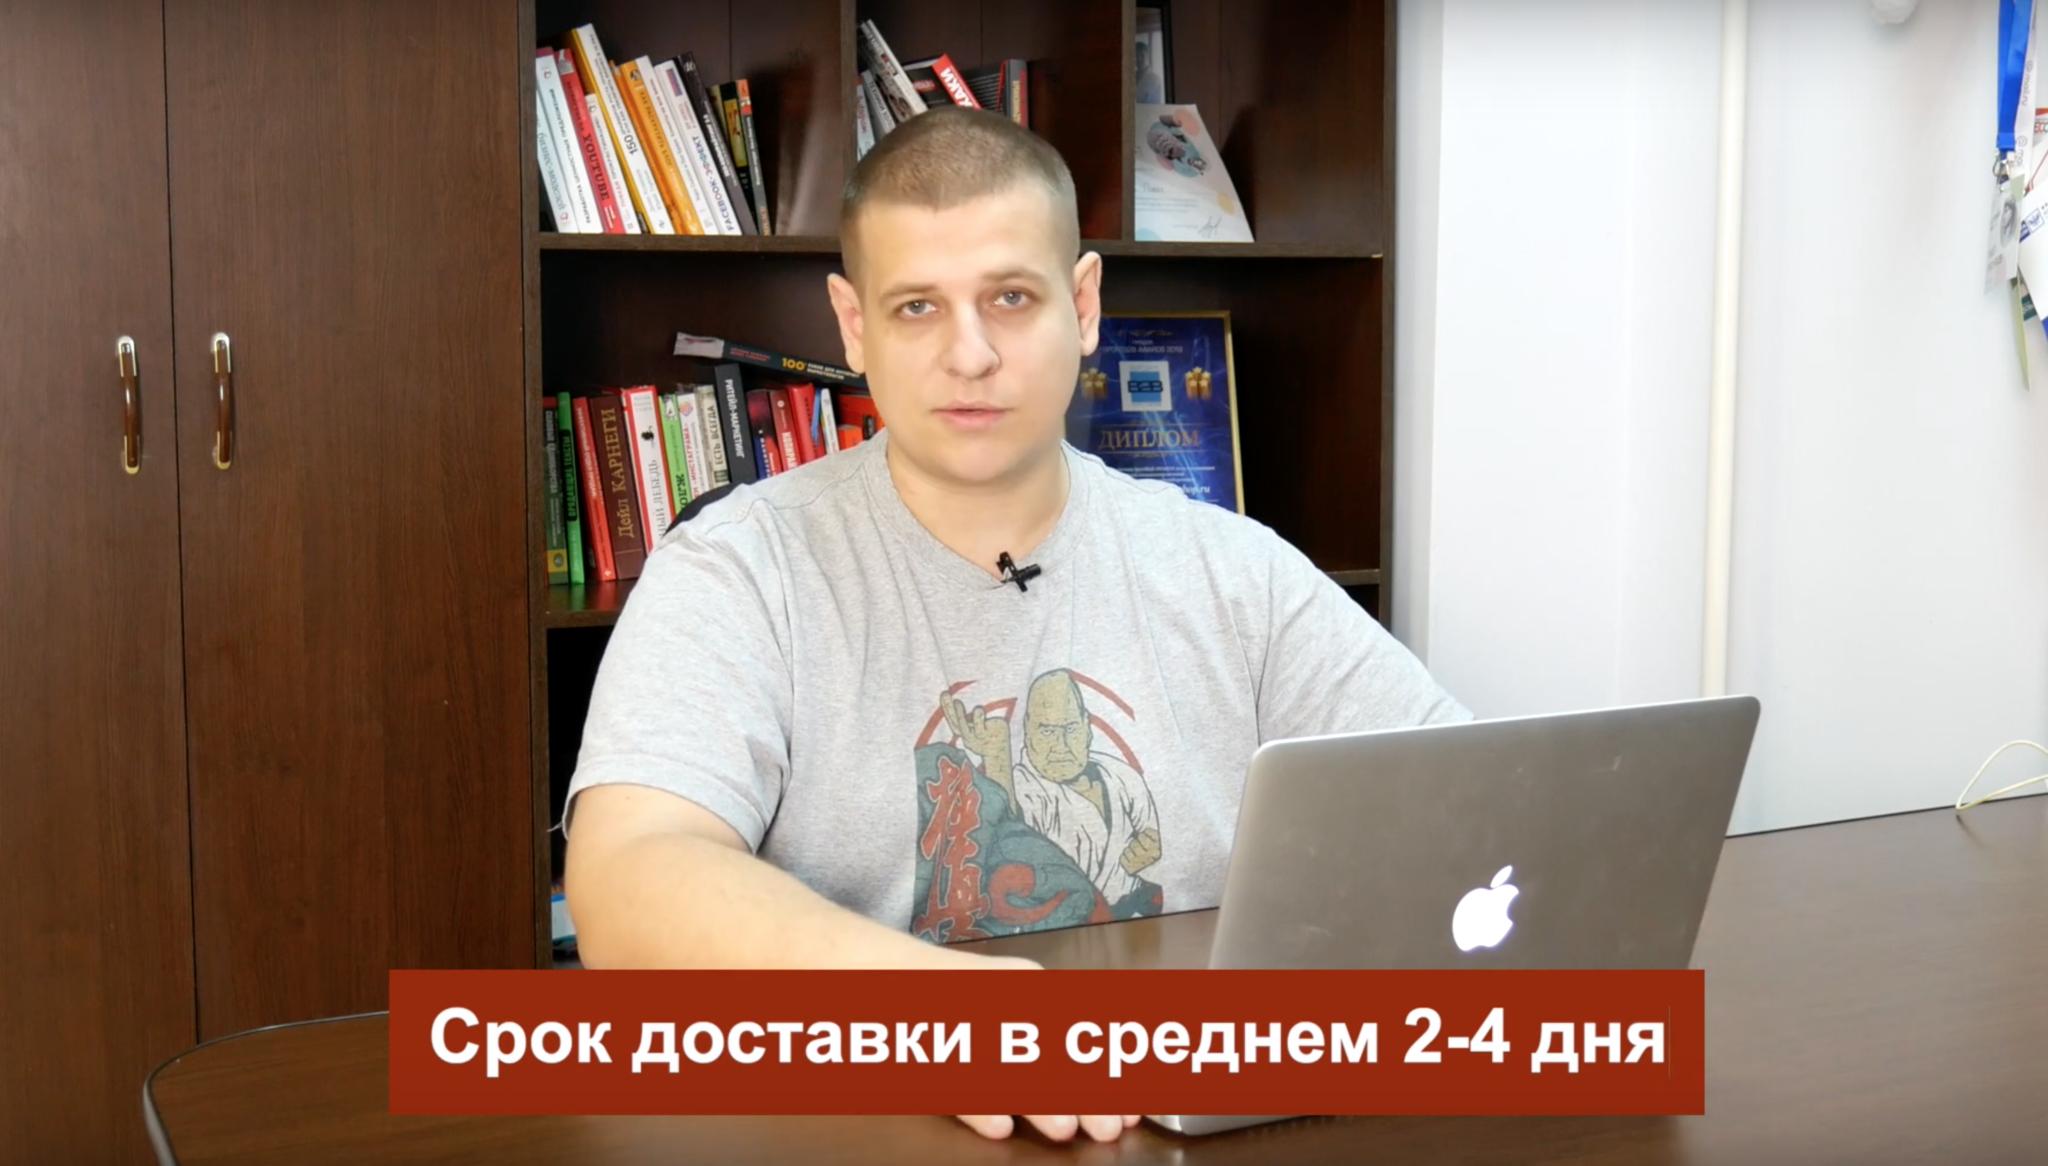 Ответы на часто задаваемые вопросы! Товары для единоборств KulakShop.ru